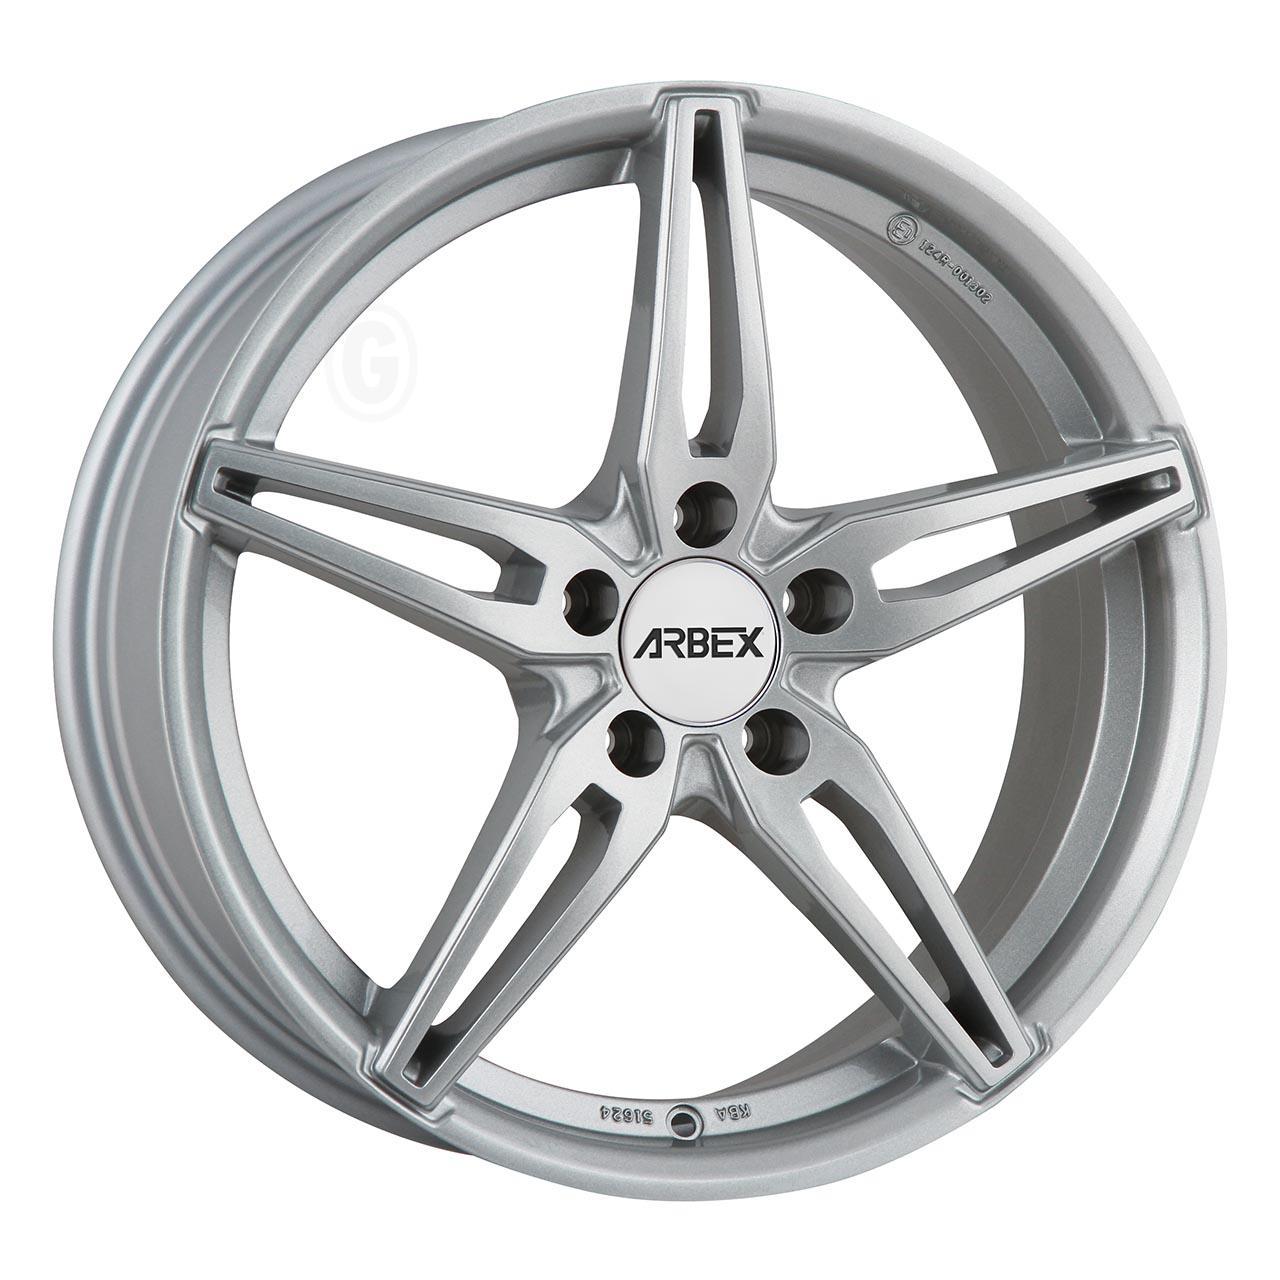 Arbex Arbex 4 Silver 7.5Jx18 5x115 ET41